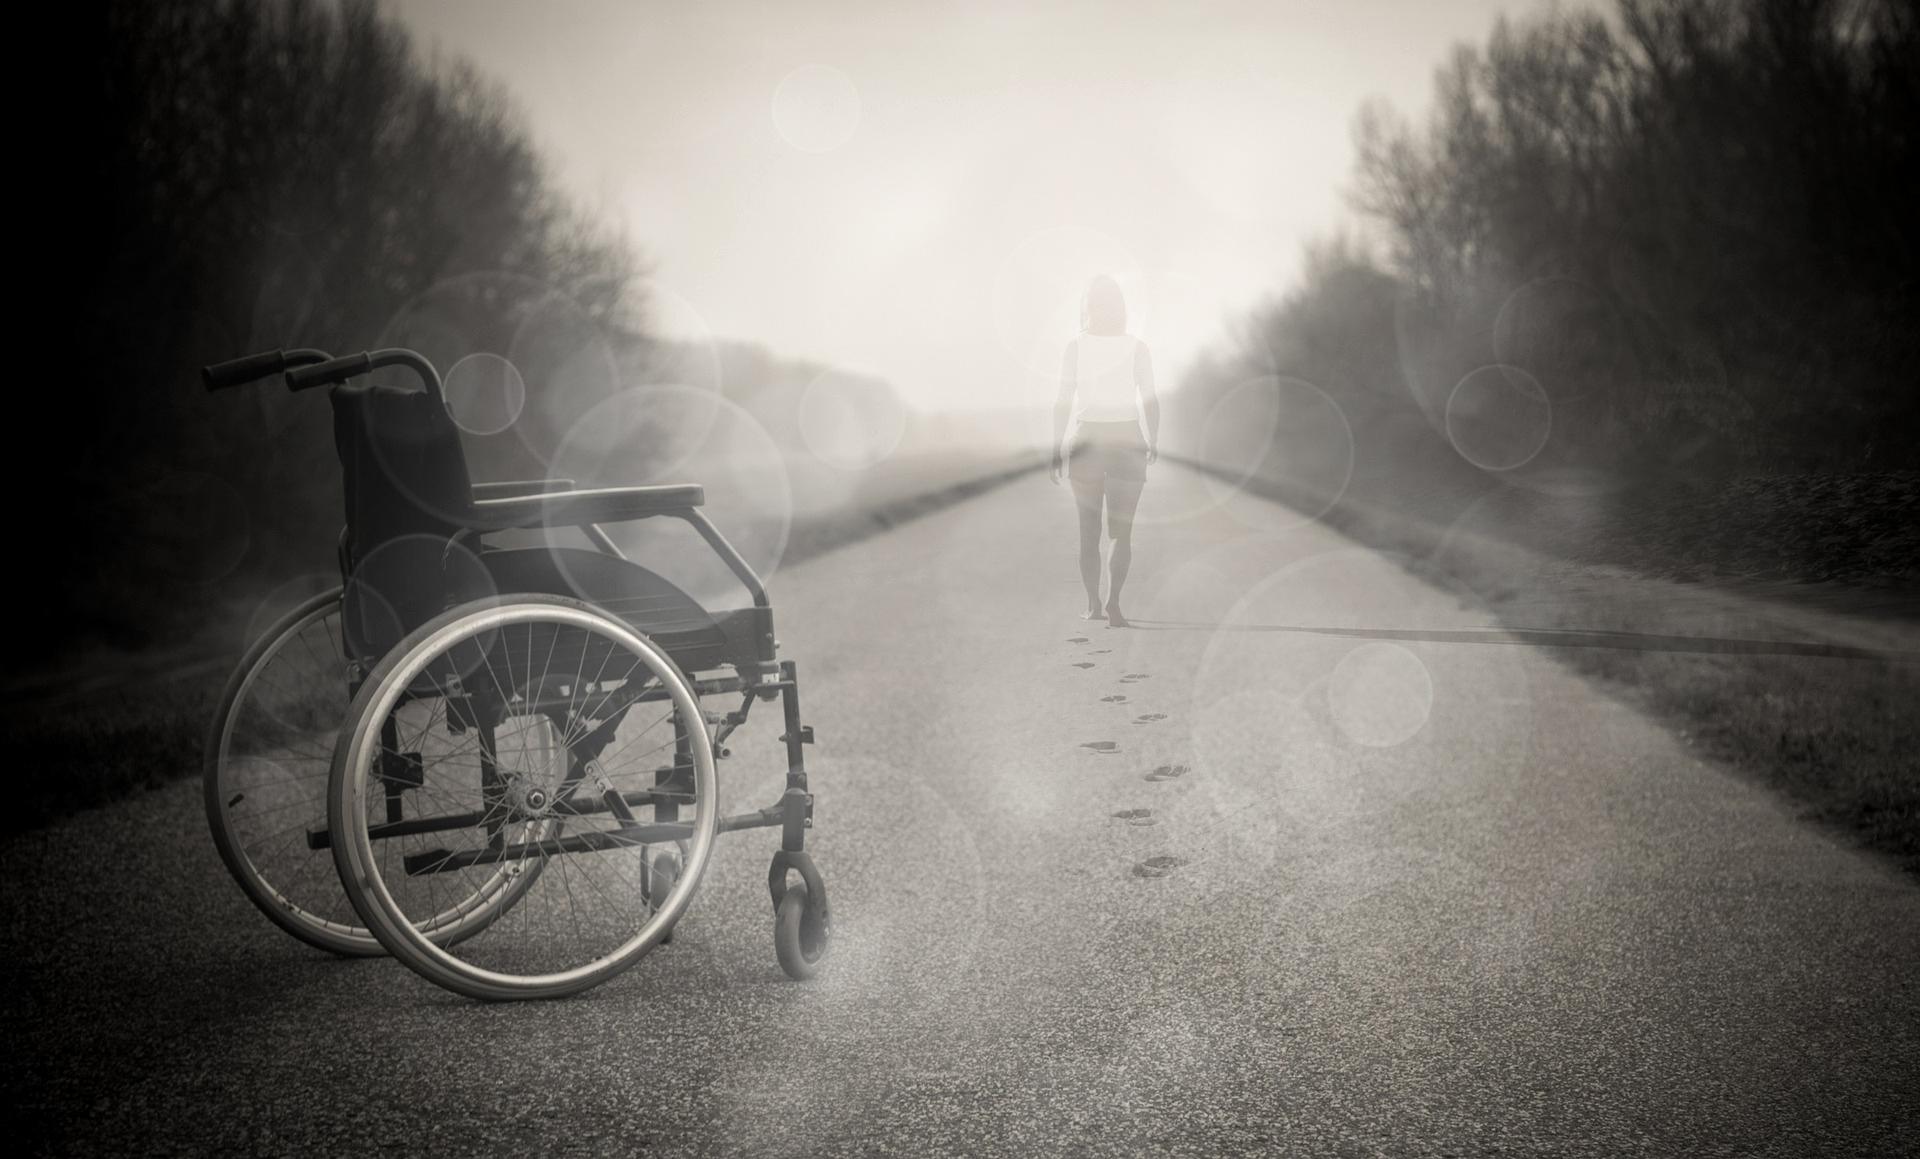 Vzemi invalidnost za en dan!